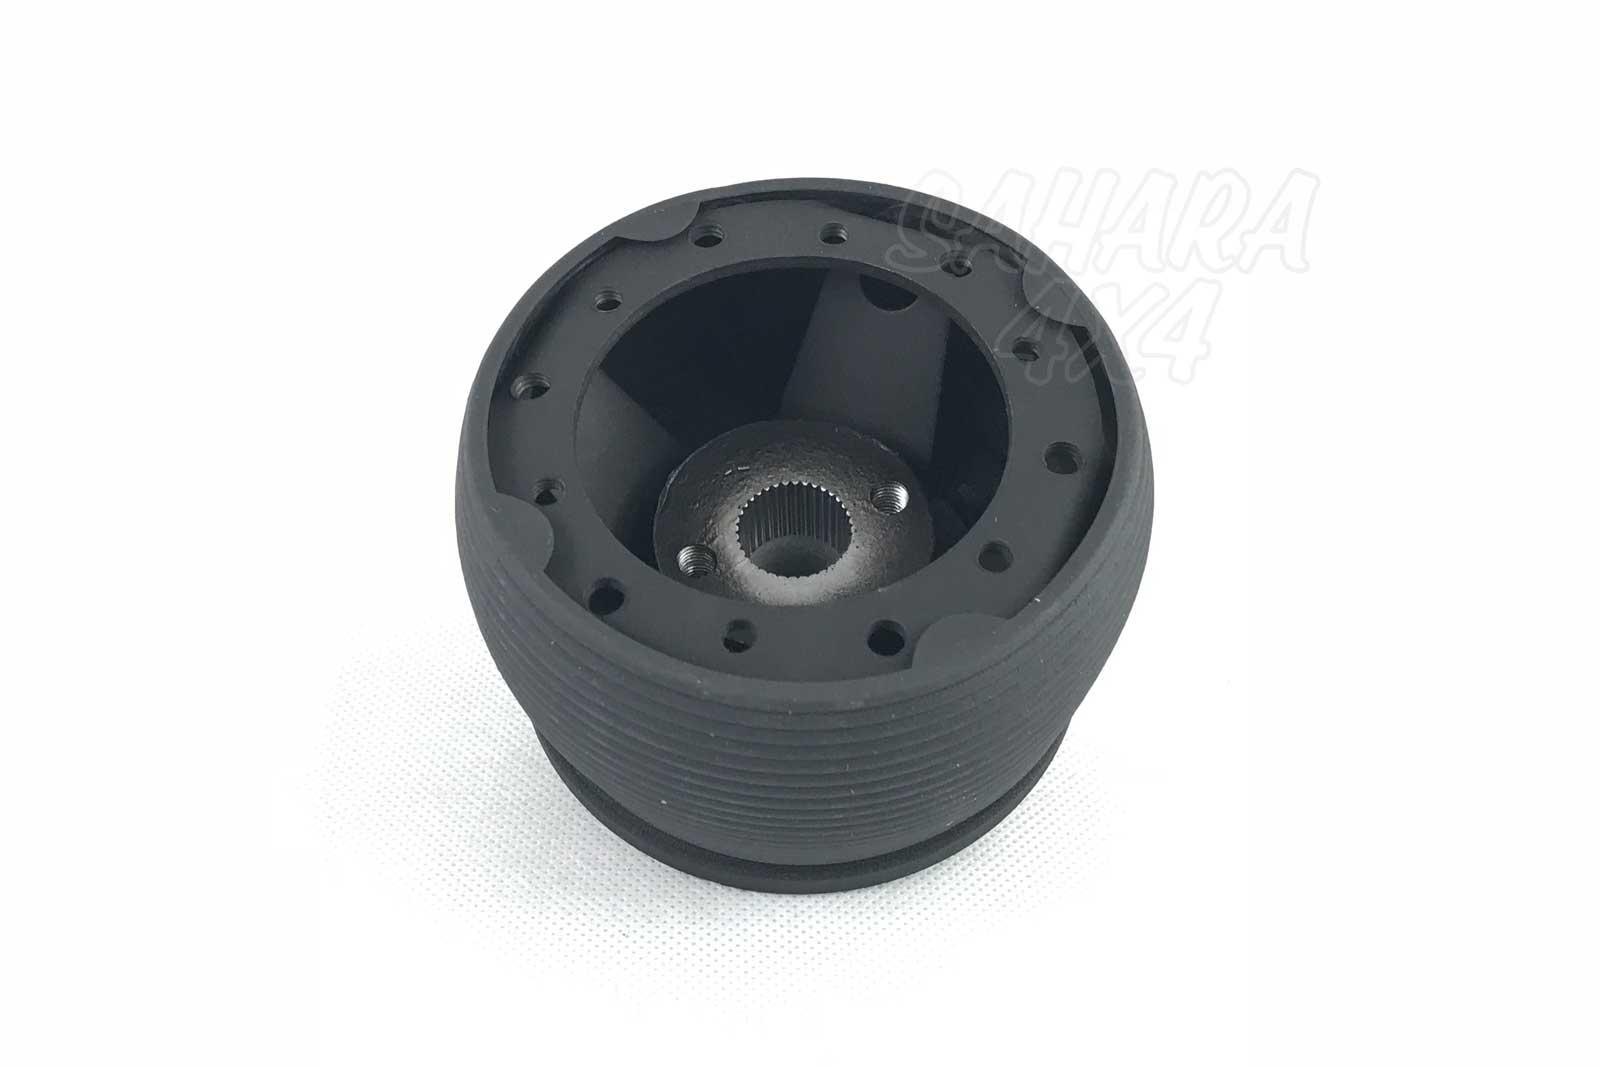 hight resolution of steering wheel hub kit for land rover defender sizes 36 splines 17 3mm